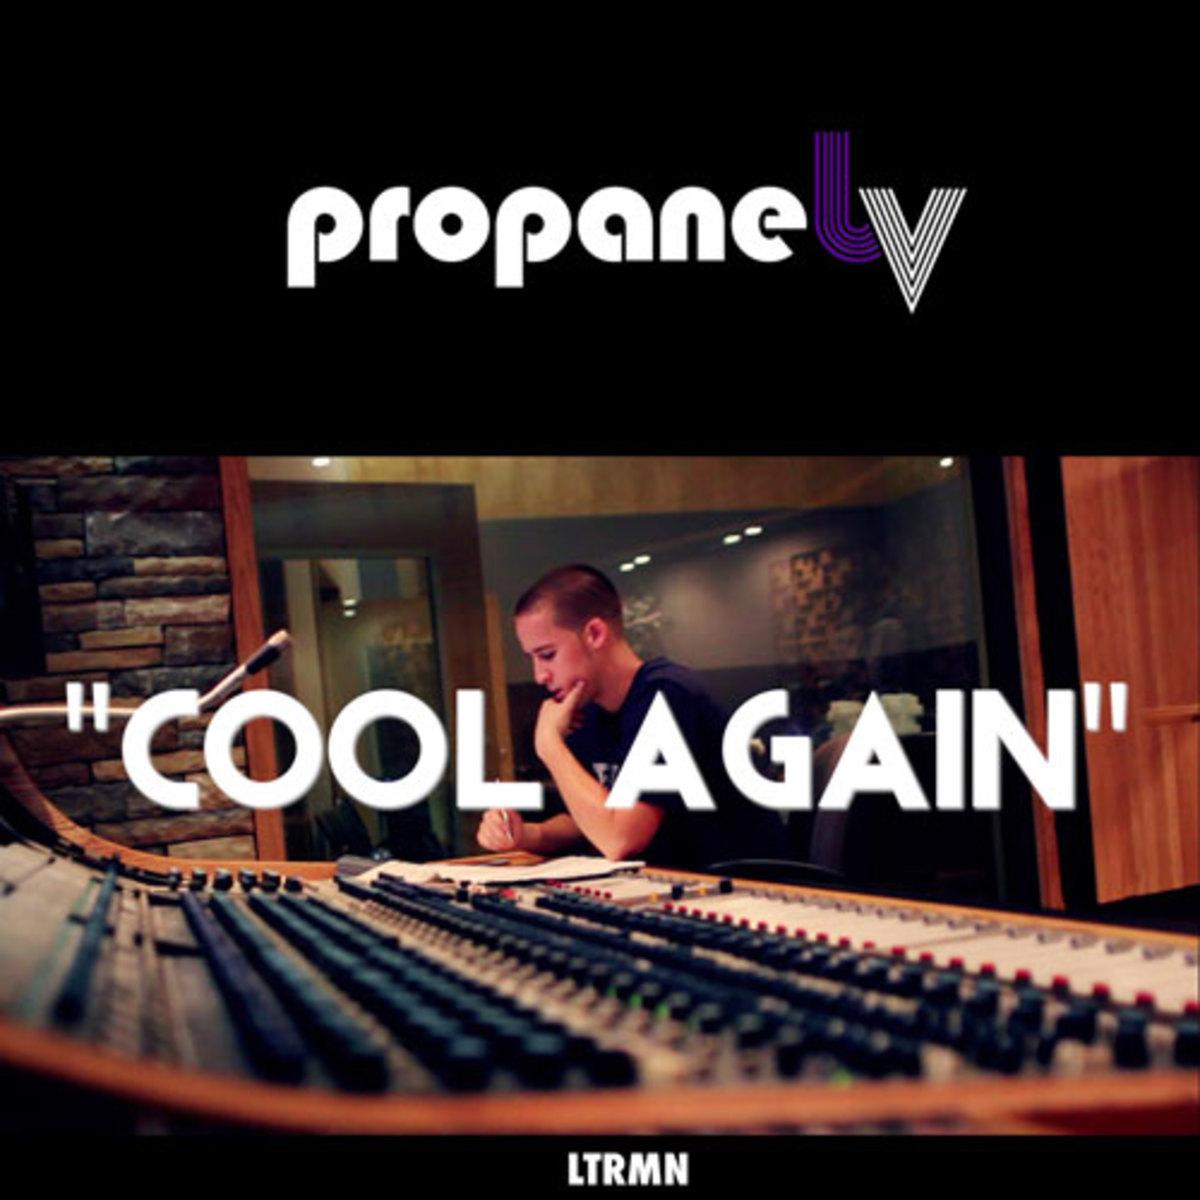 propanelv-coolagain.jpg